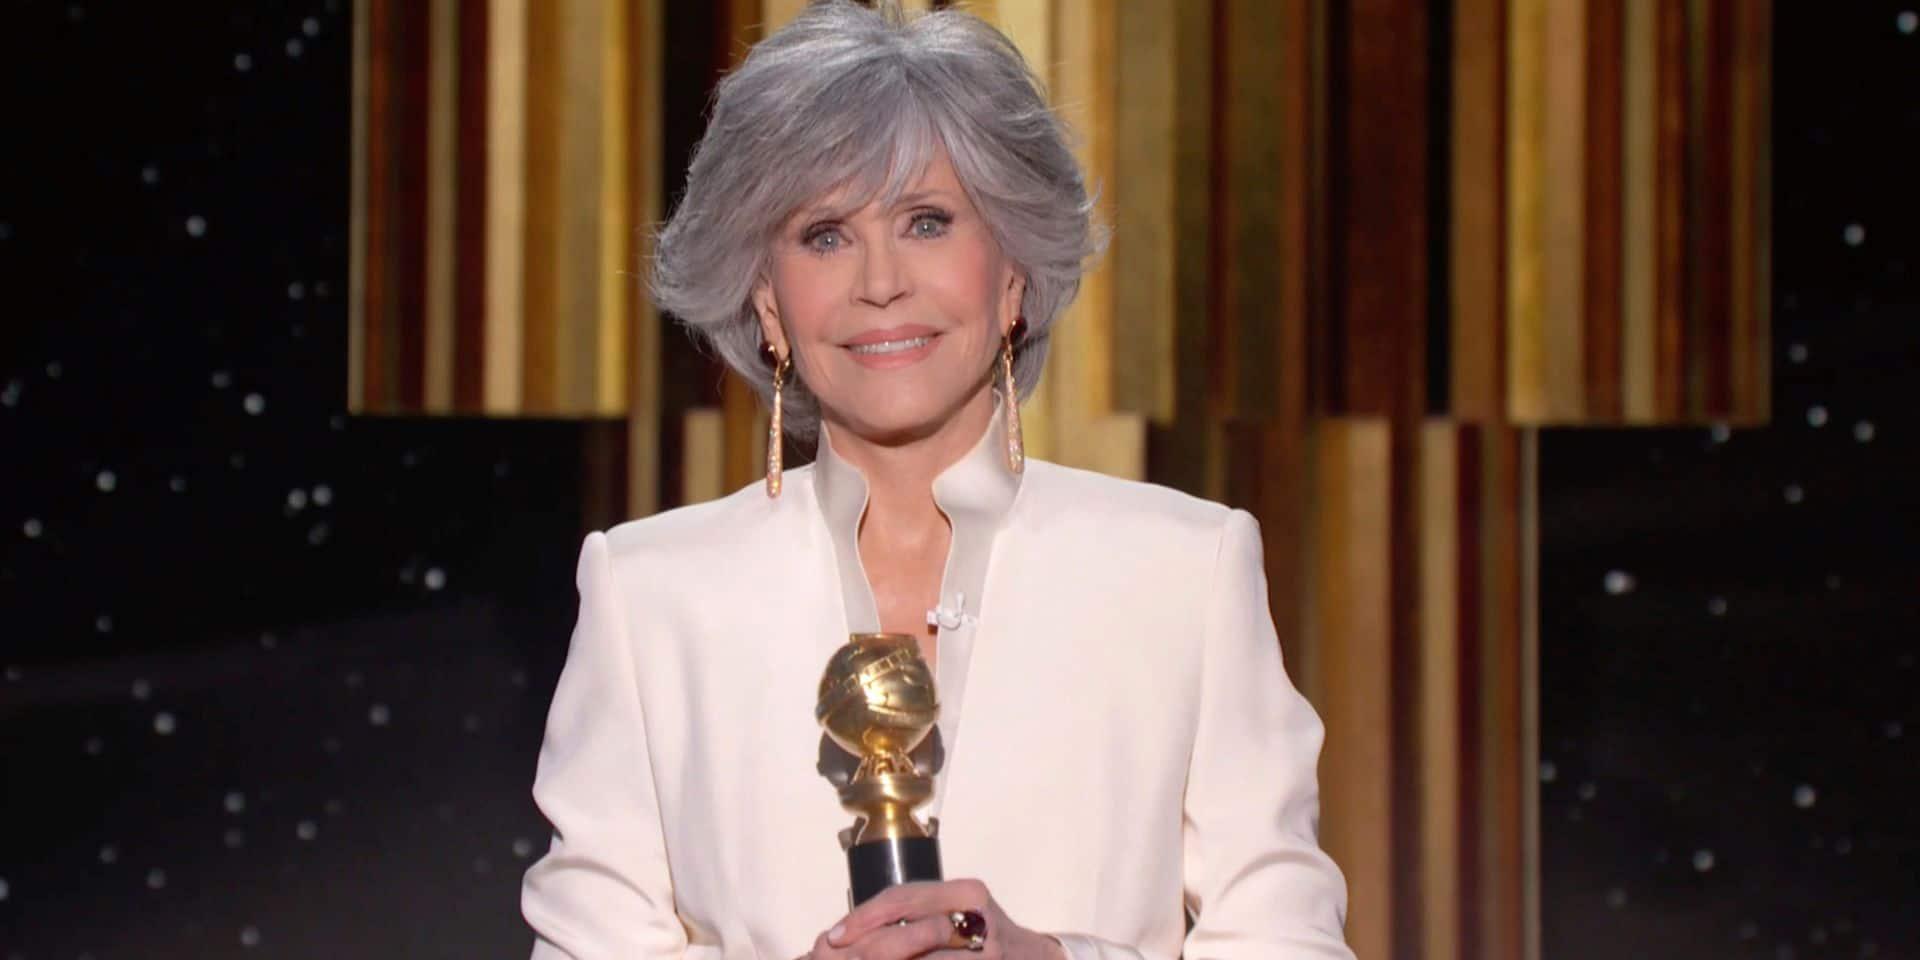 """Rencontre avec Jane Fonda, plus engagée que jamais à 83 ans : """"Si on ne résout pas la crise climatique, tout le reste n'aura plus aucune espèce d'importance"""""""